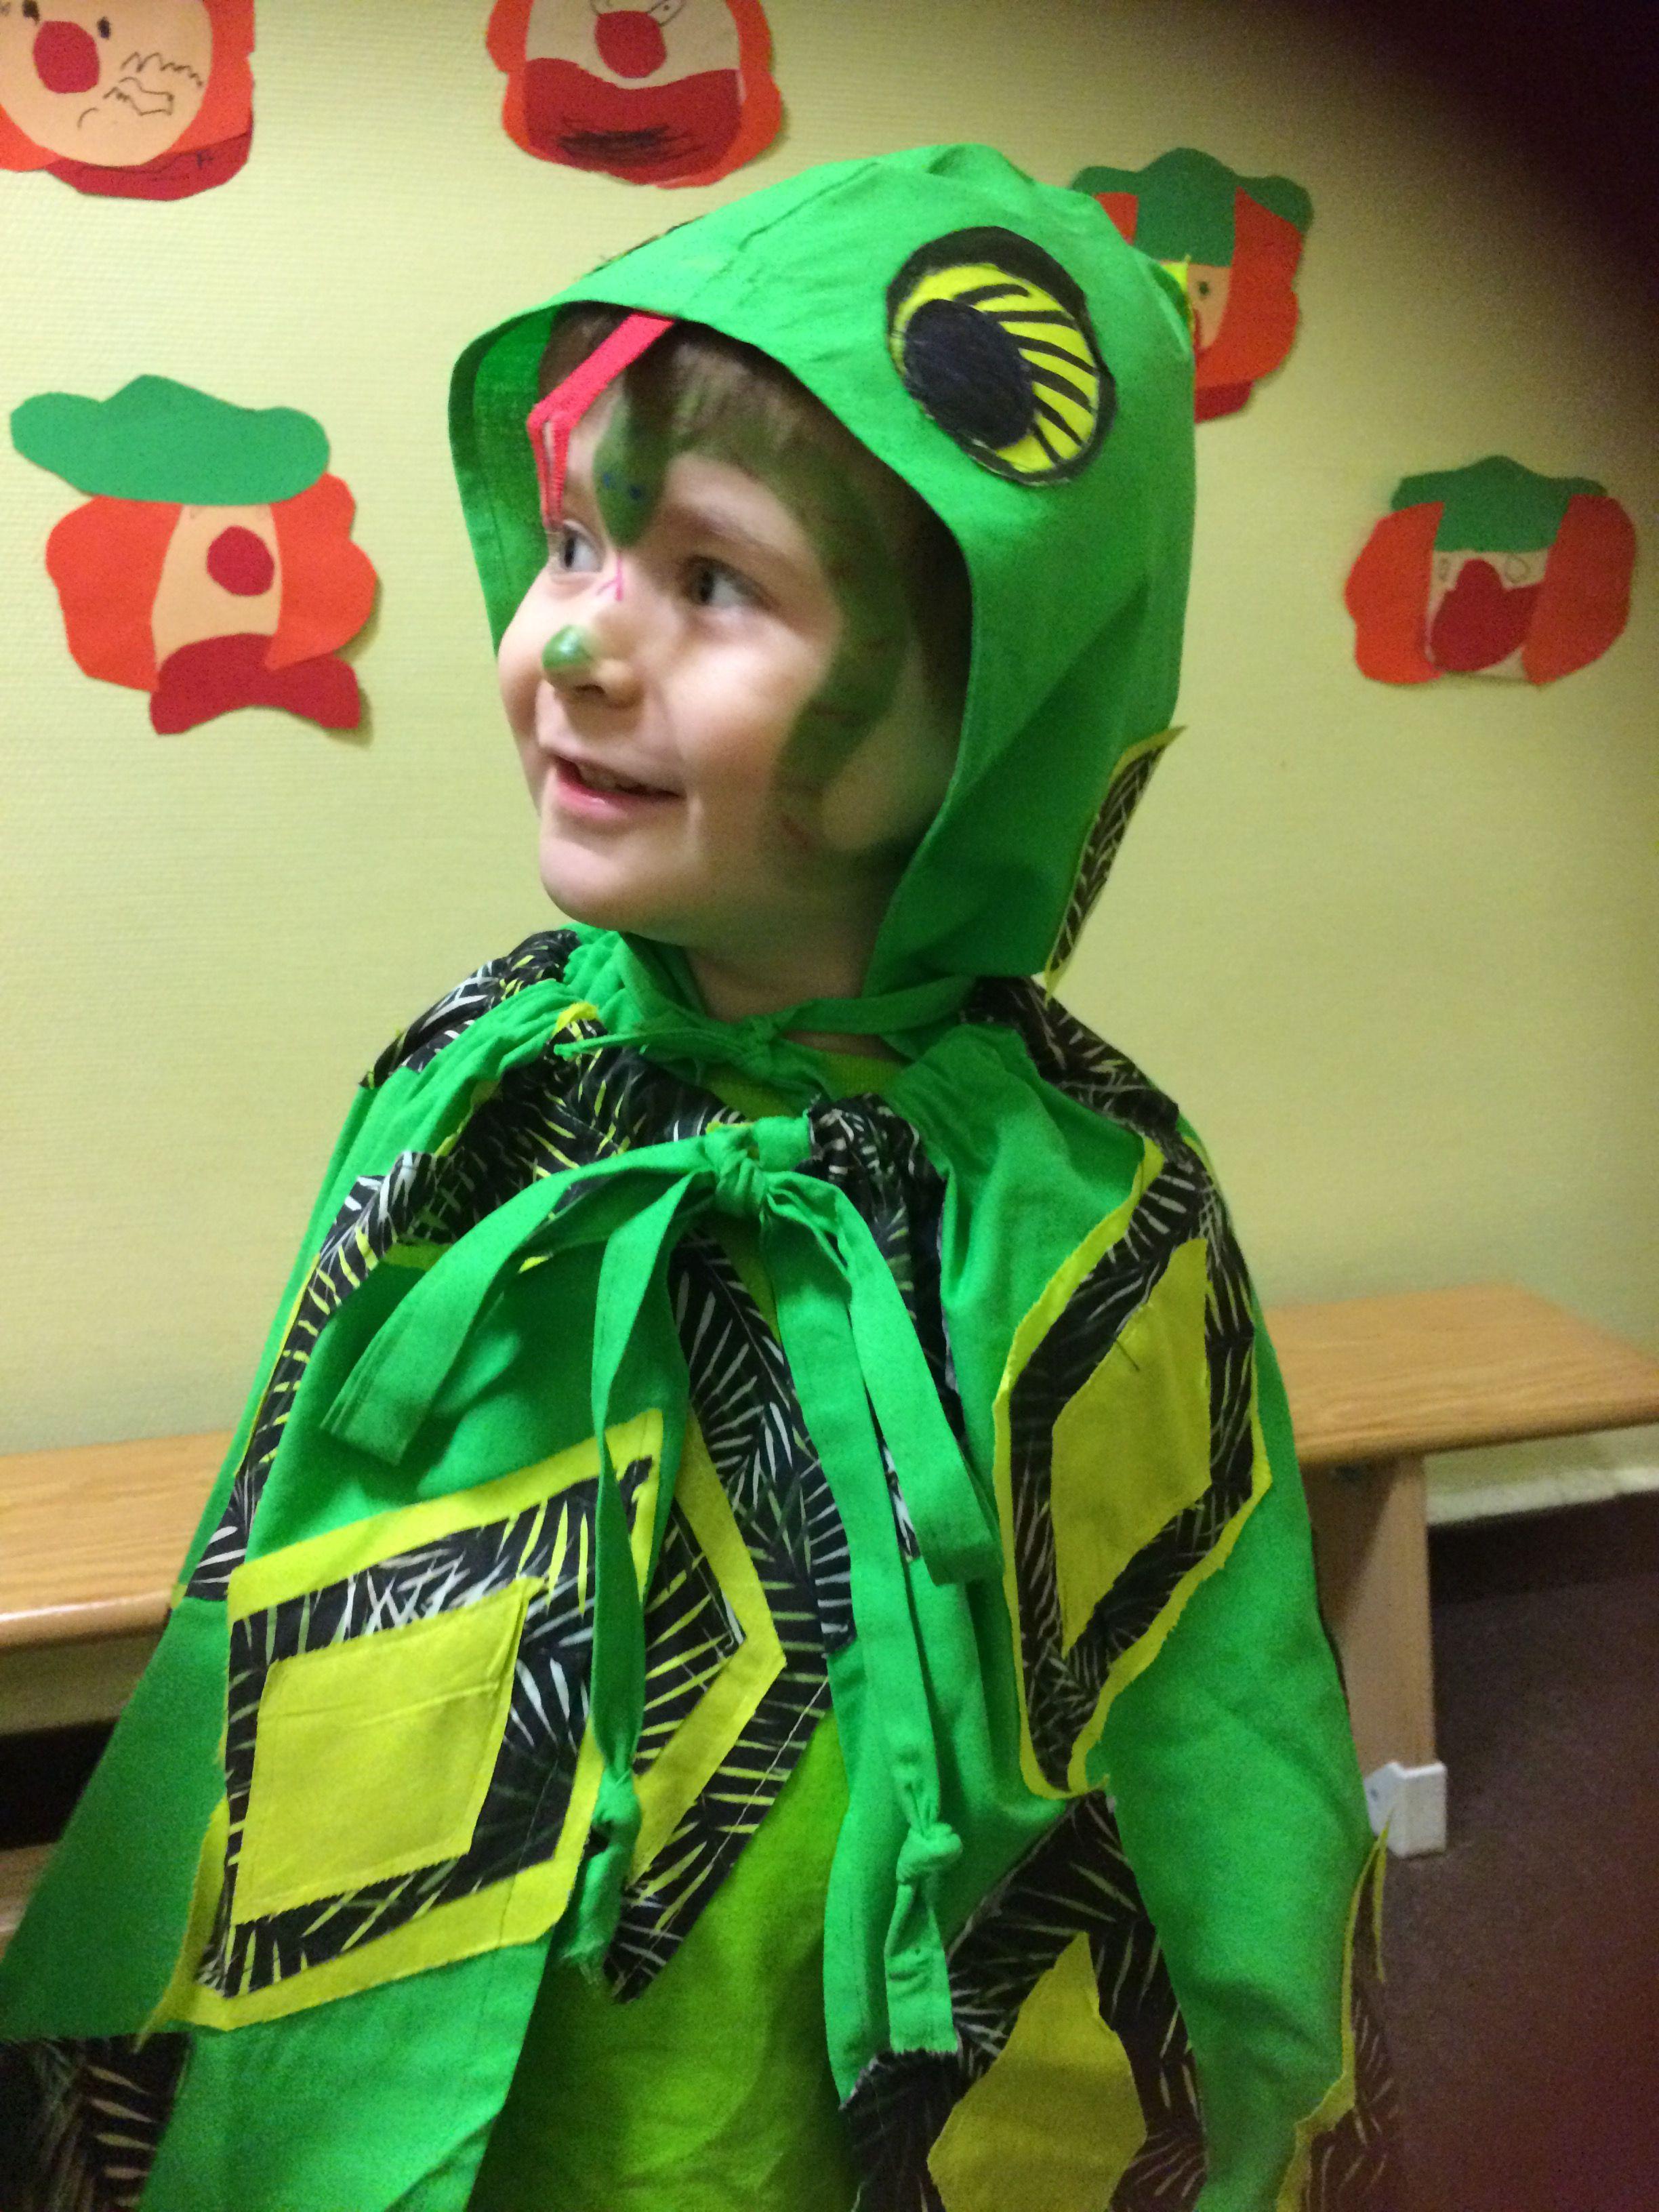 Schlangenkostüm | Kinderkostüme | Pinterest | Schlangenkostüm